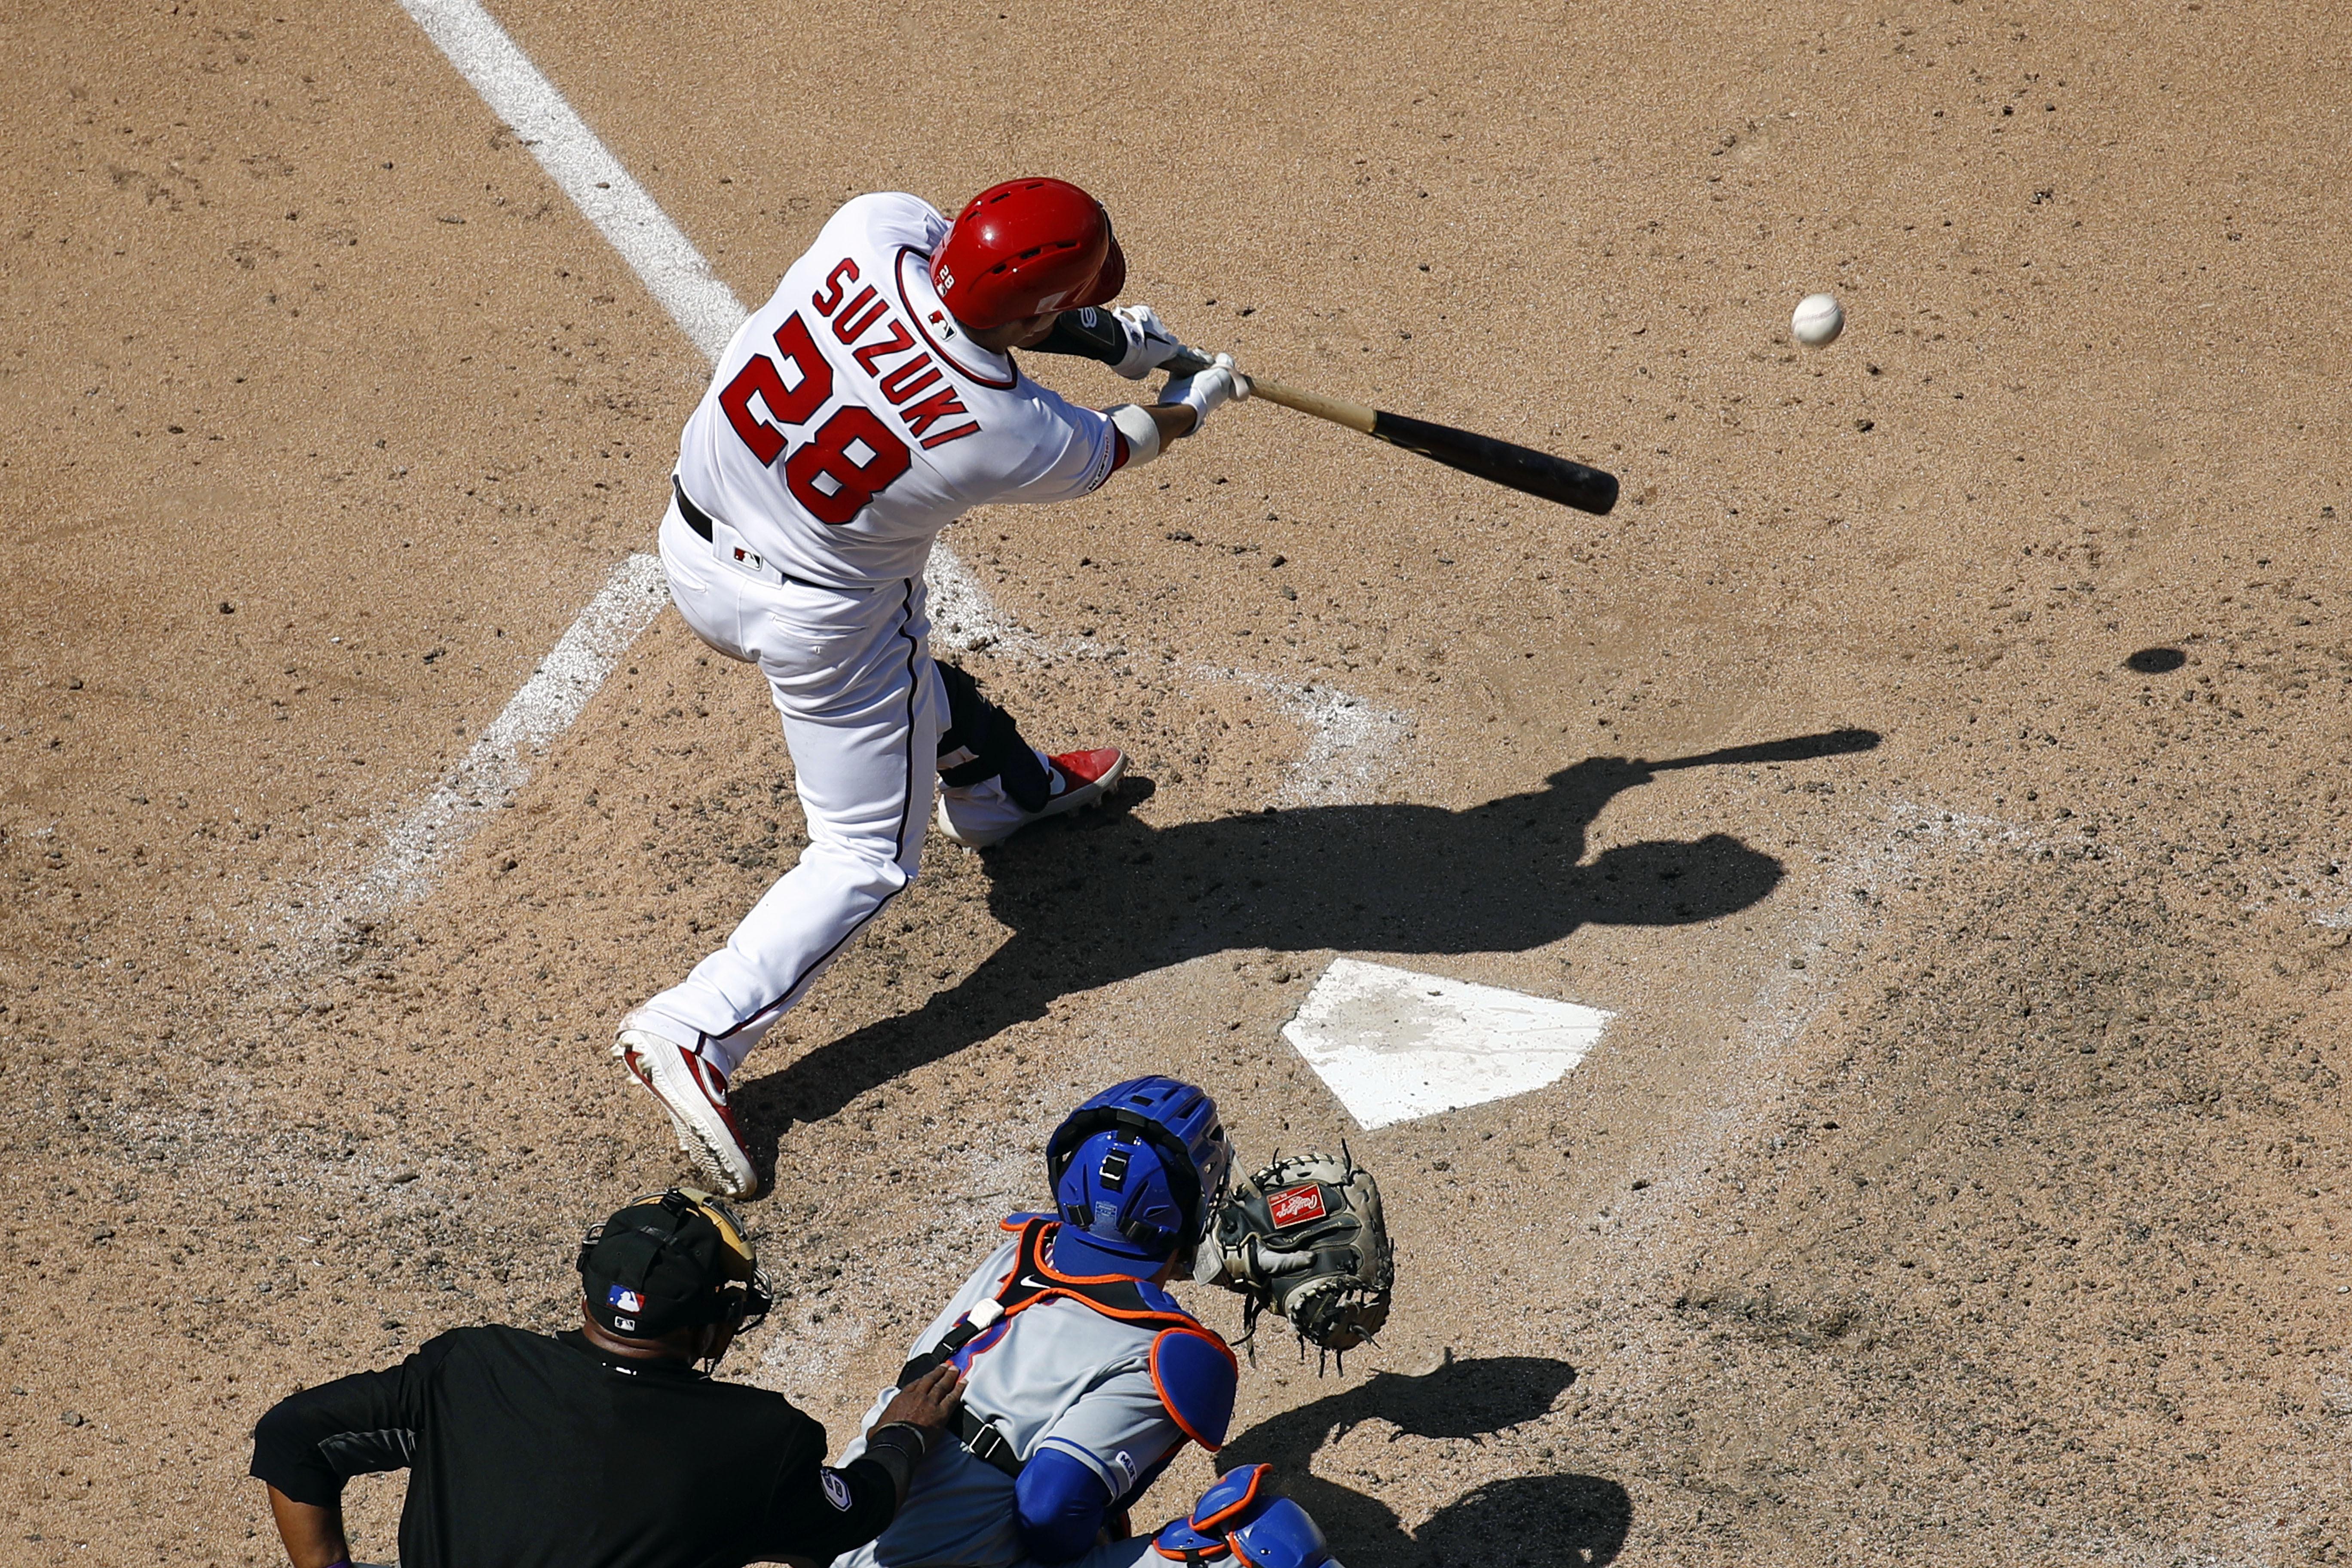 beb875f1d MLB still vexed by longer games, shrinking attendance - Washington Times